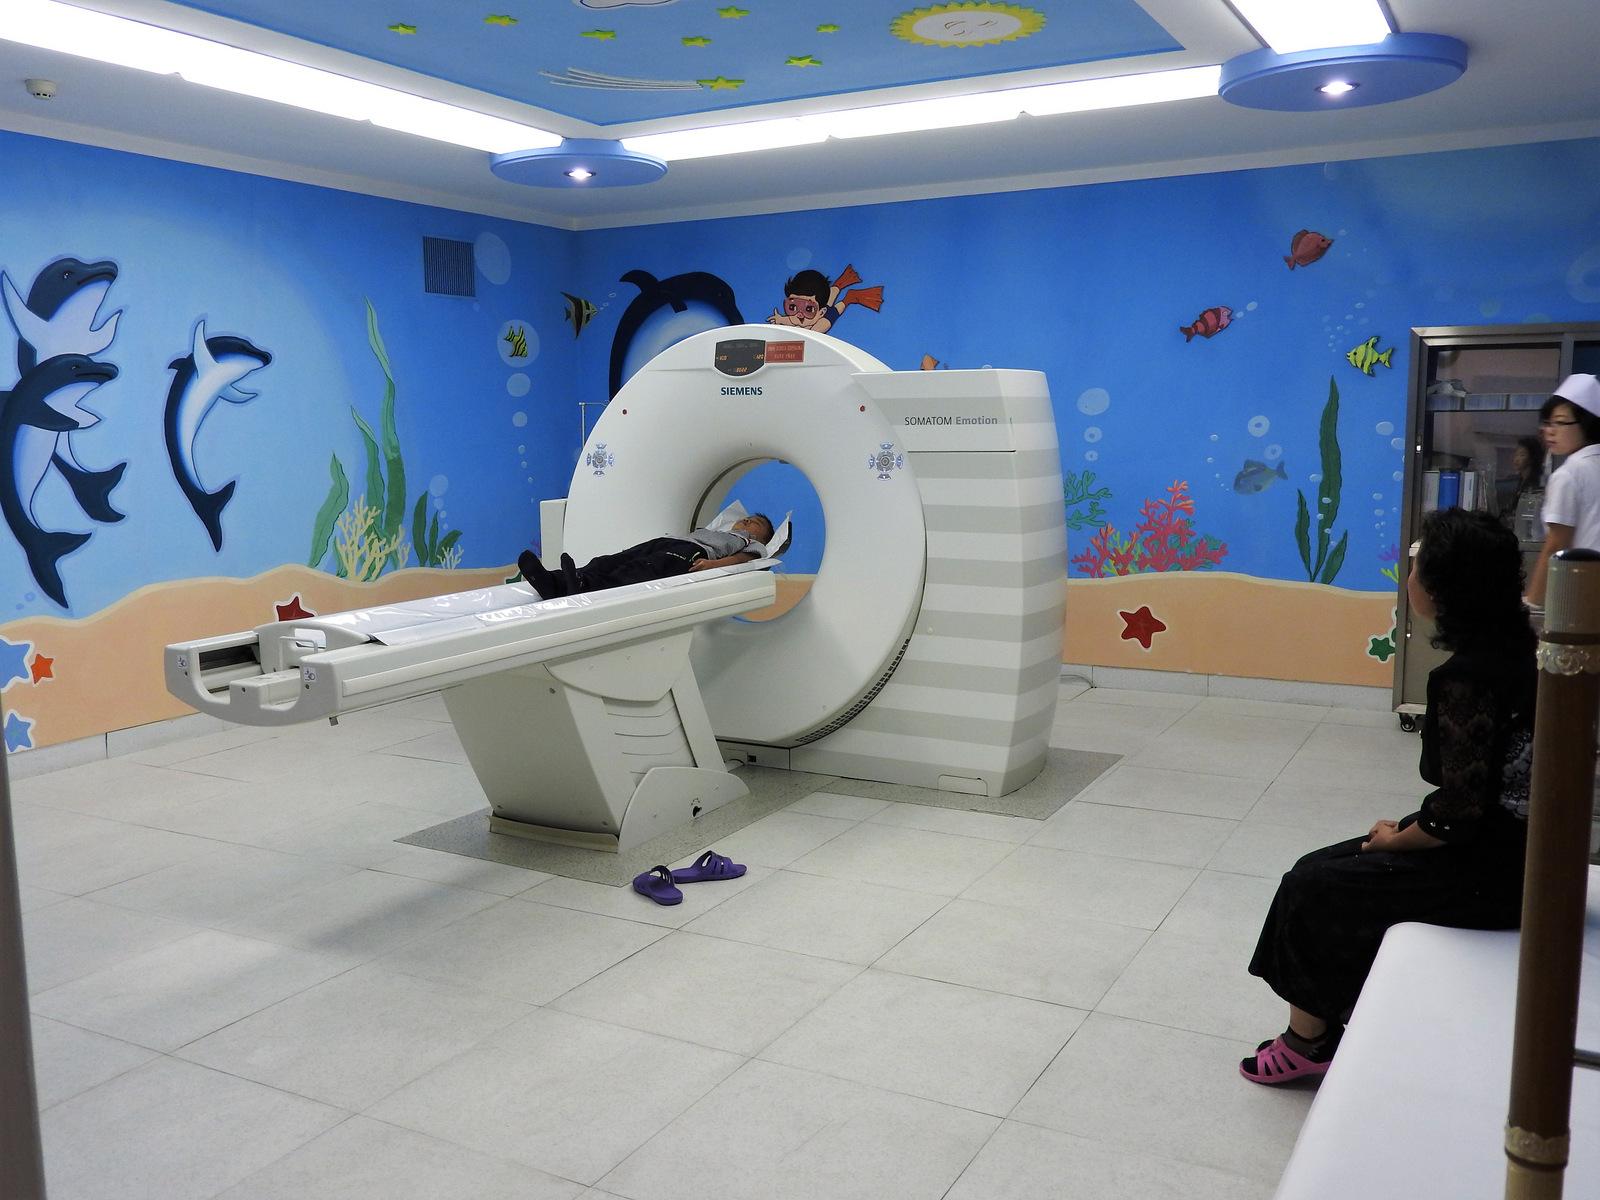 Αίθουσα  εξετάσεων στο Παιδικό Νοσοκομείο Okryu, ένα εξαώροφο  κτίριο 300 κλινών. Οι νέες κυρώσεις που επέβαλαν πρόσφατα  οι ΗΠΑ αποτελούν εμπόδιο για εισαγωγές σύγχρονων  μηχανημάτων στη ΛΔΒΚ.